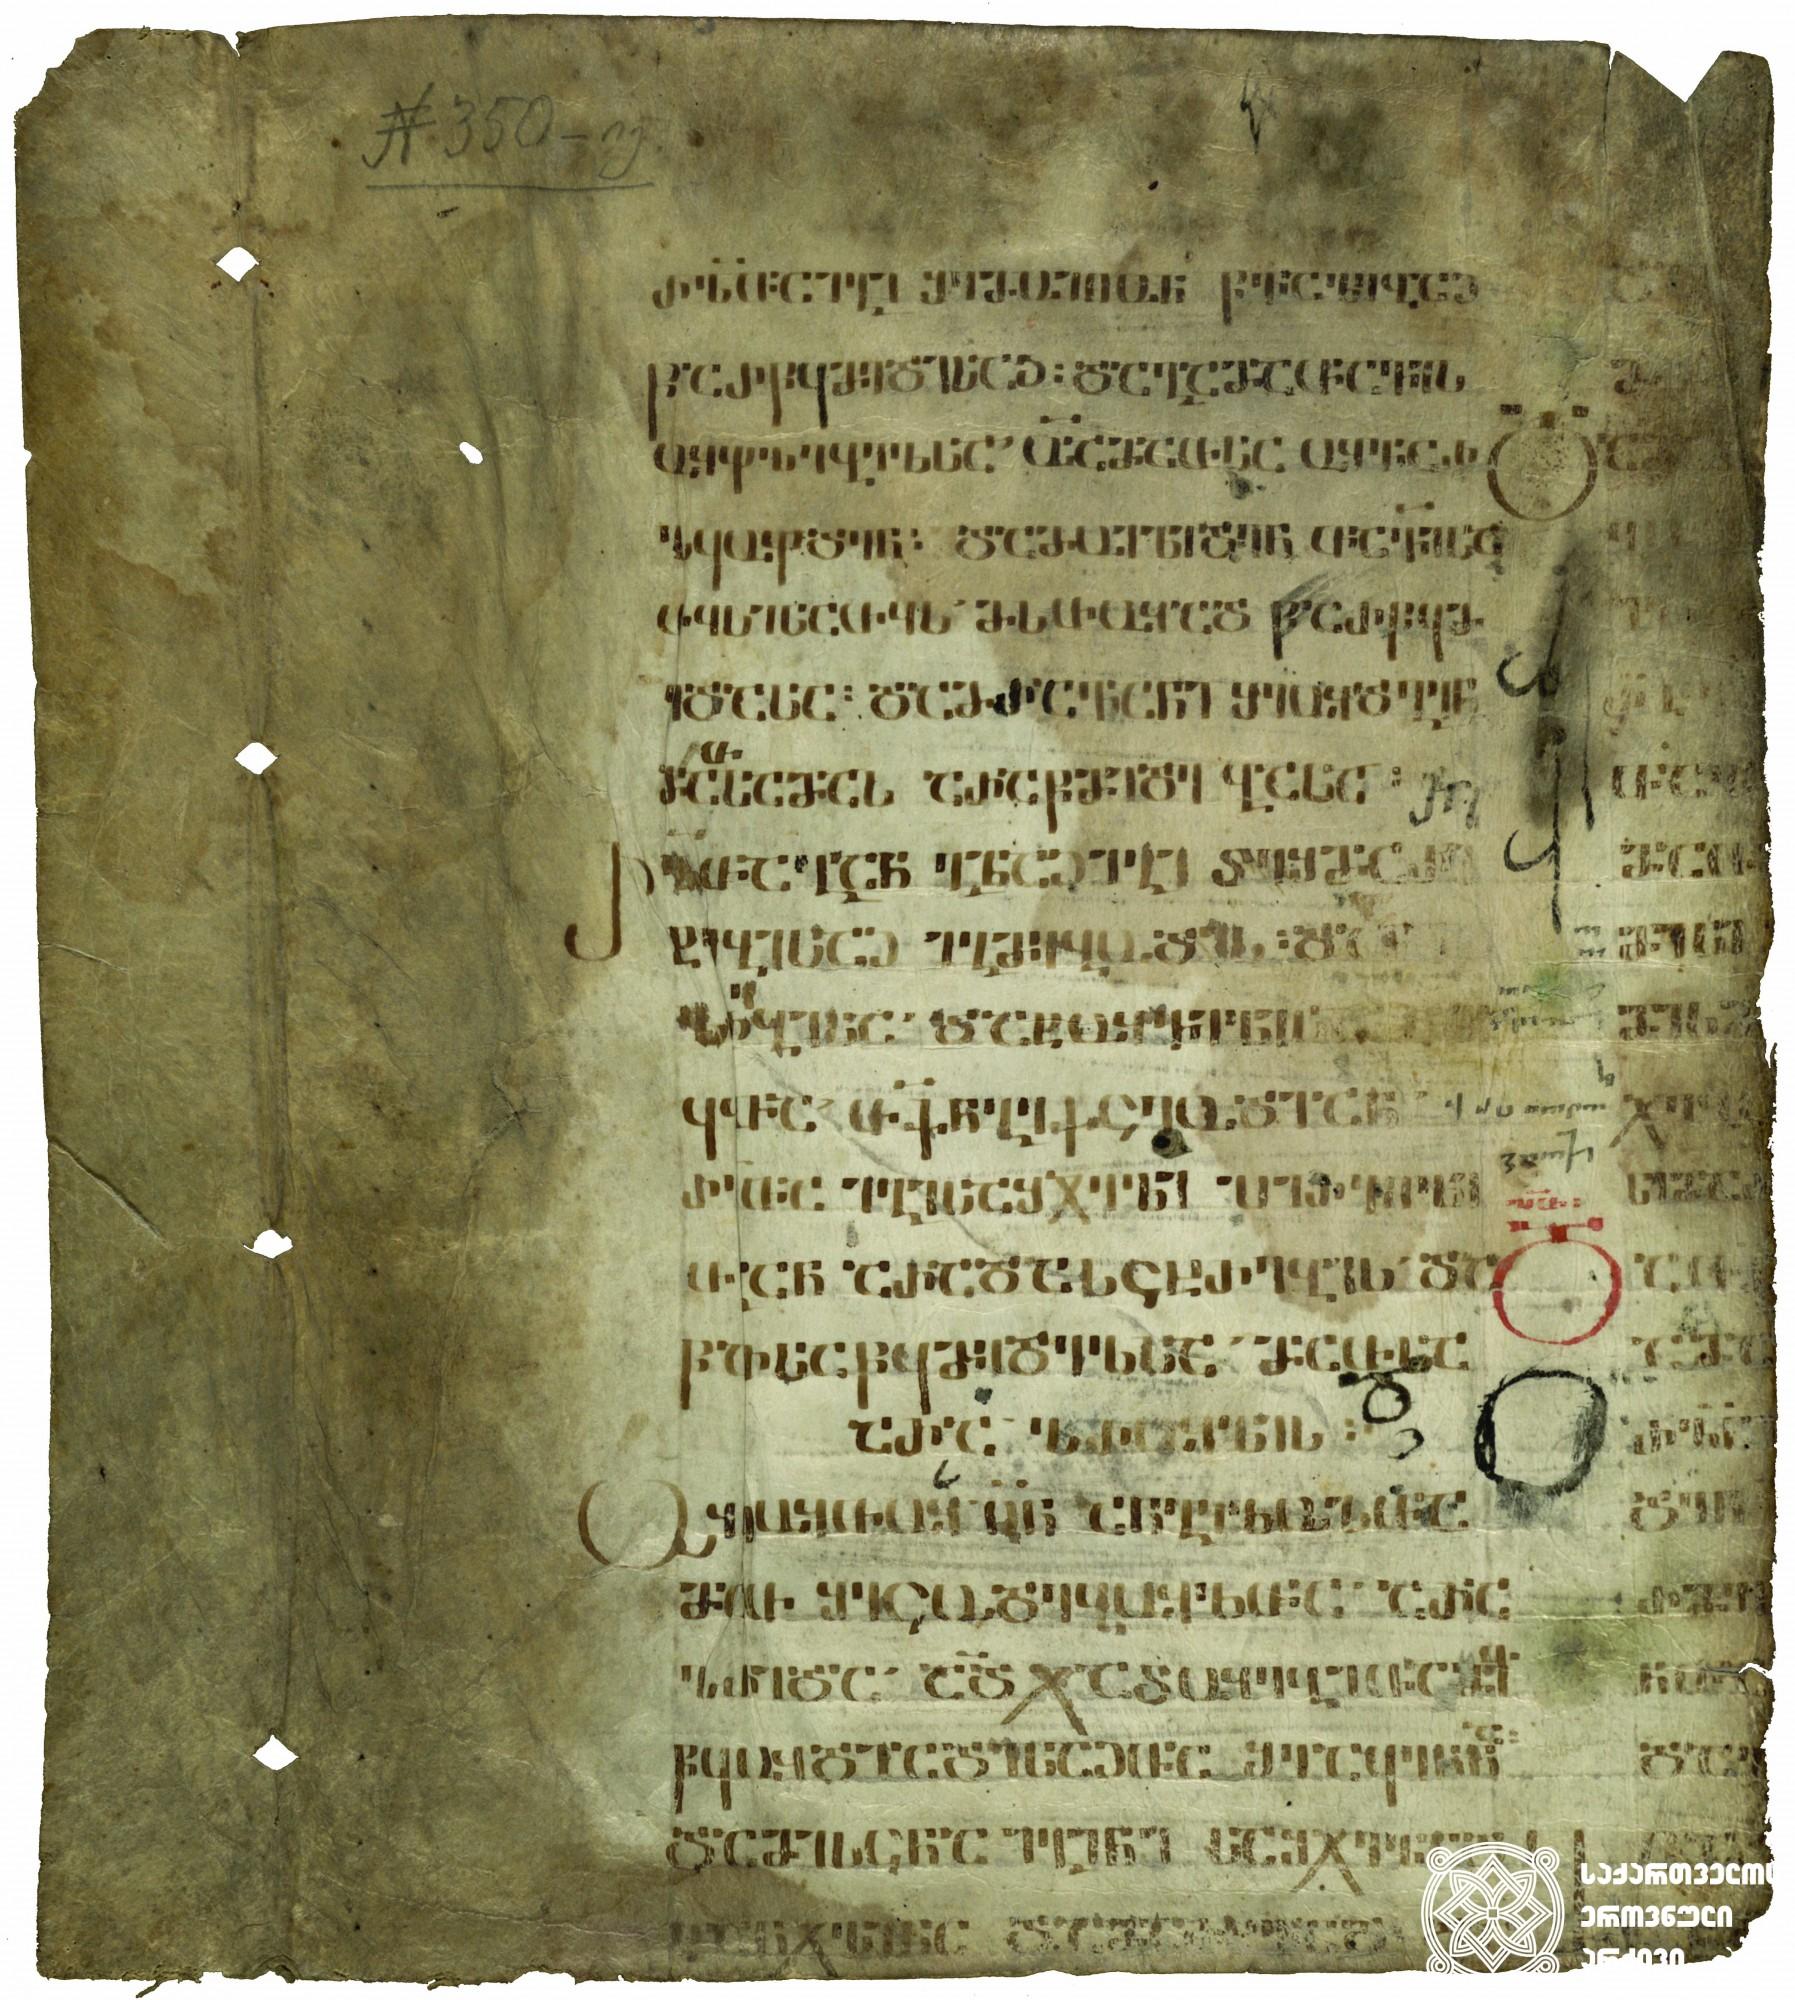 ლექციონარი, X საუკუნე <br> Lectionary, 10th c.